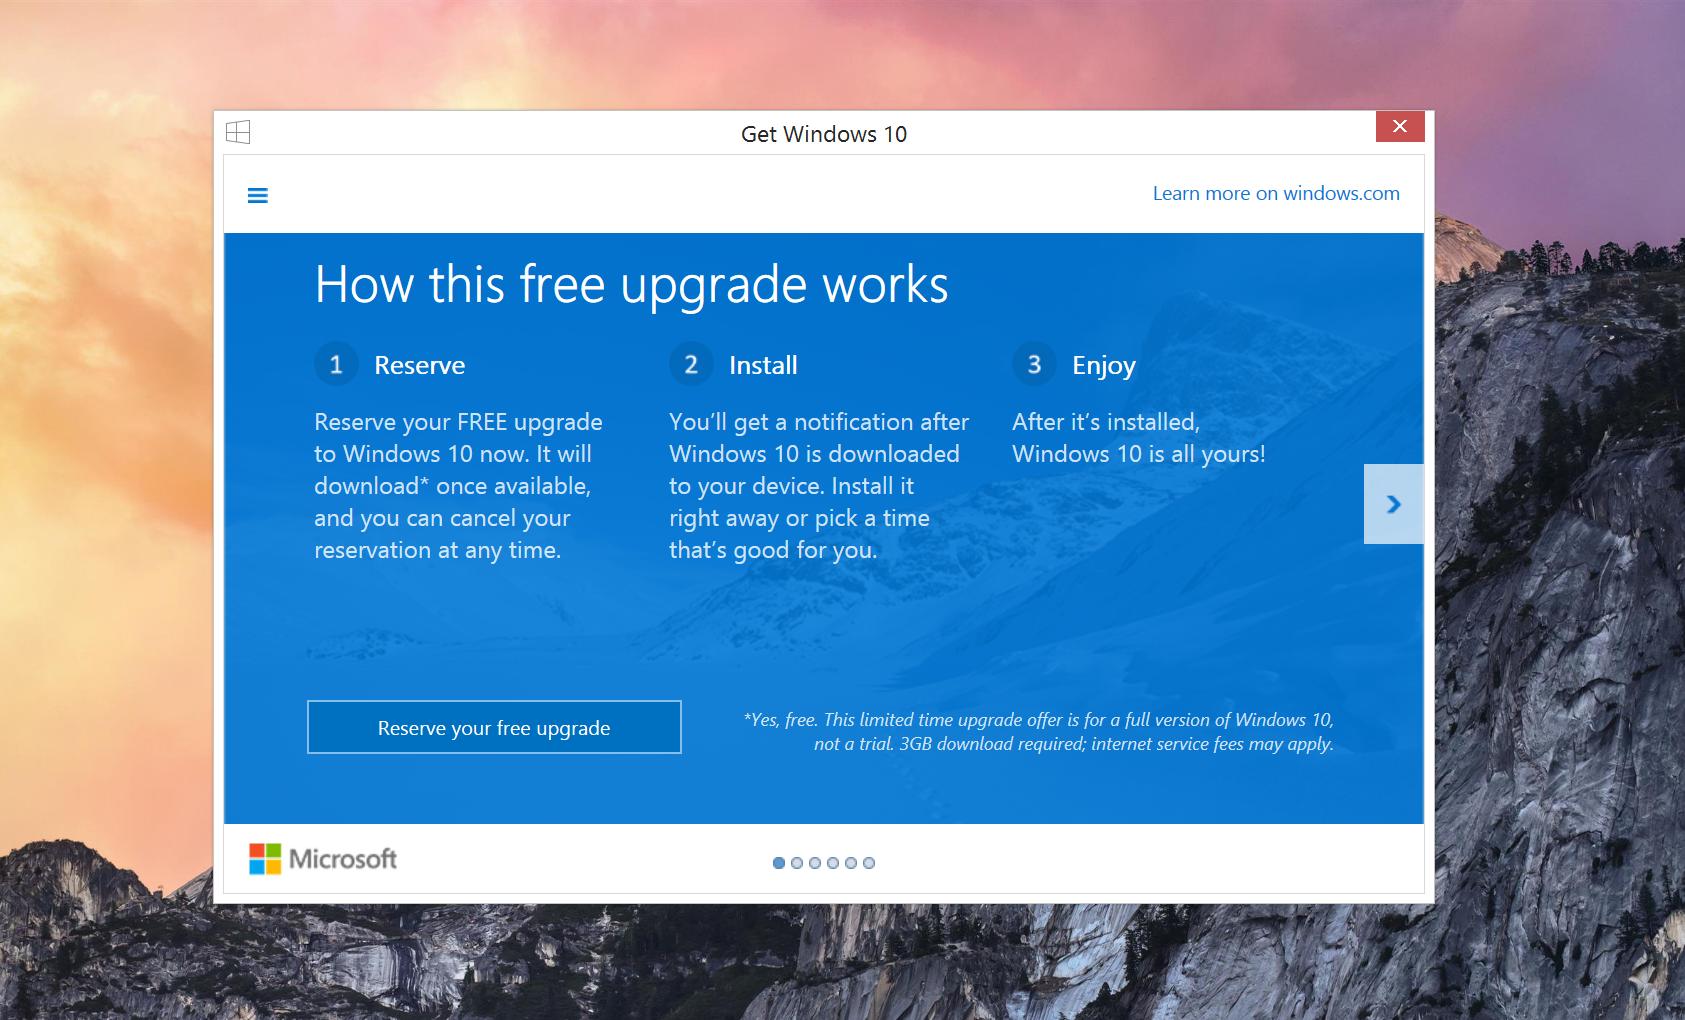 Mit jelent a Windows ikon a jobb alsó sarokban?